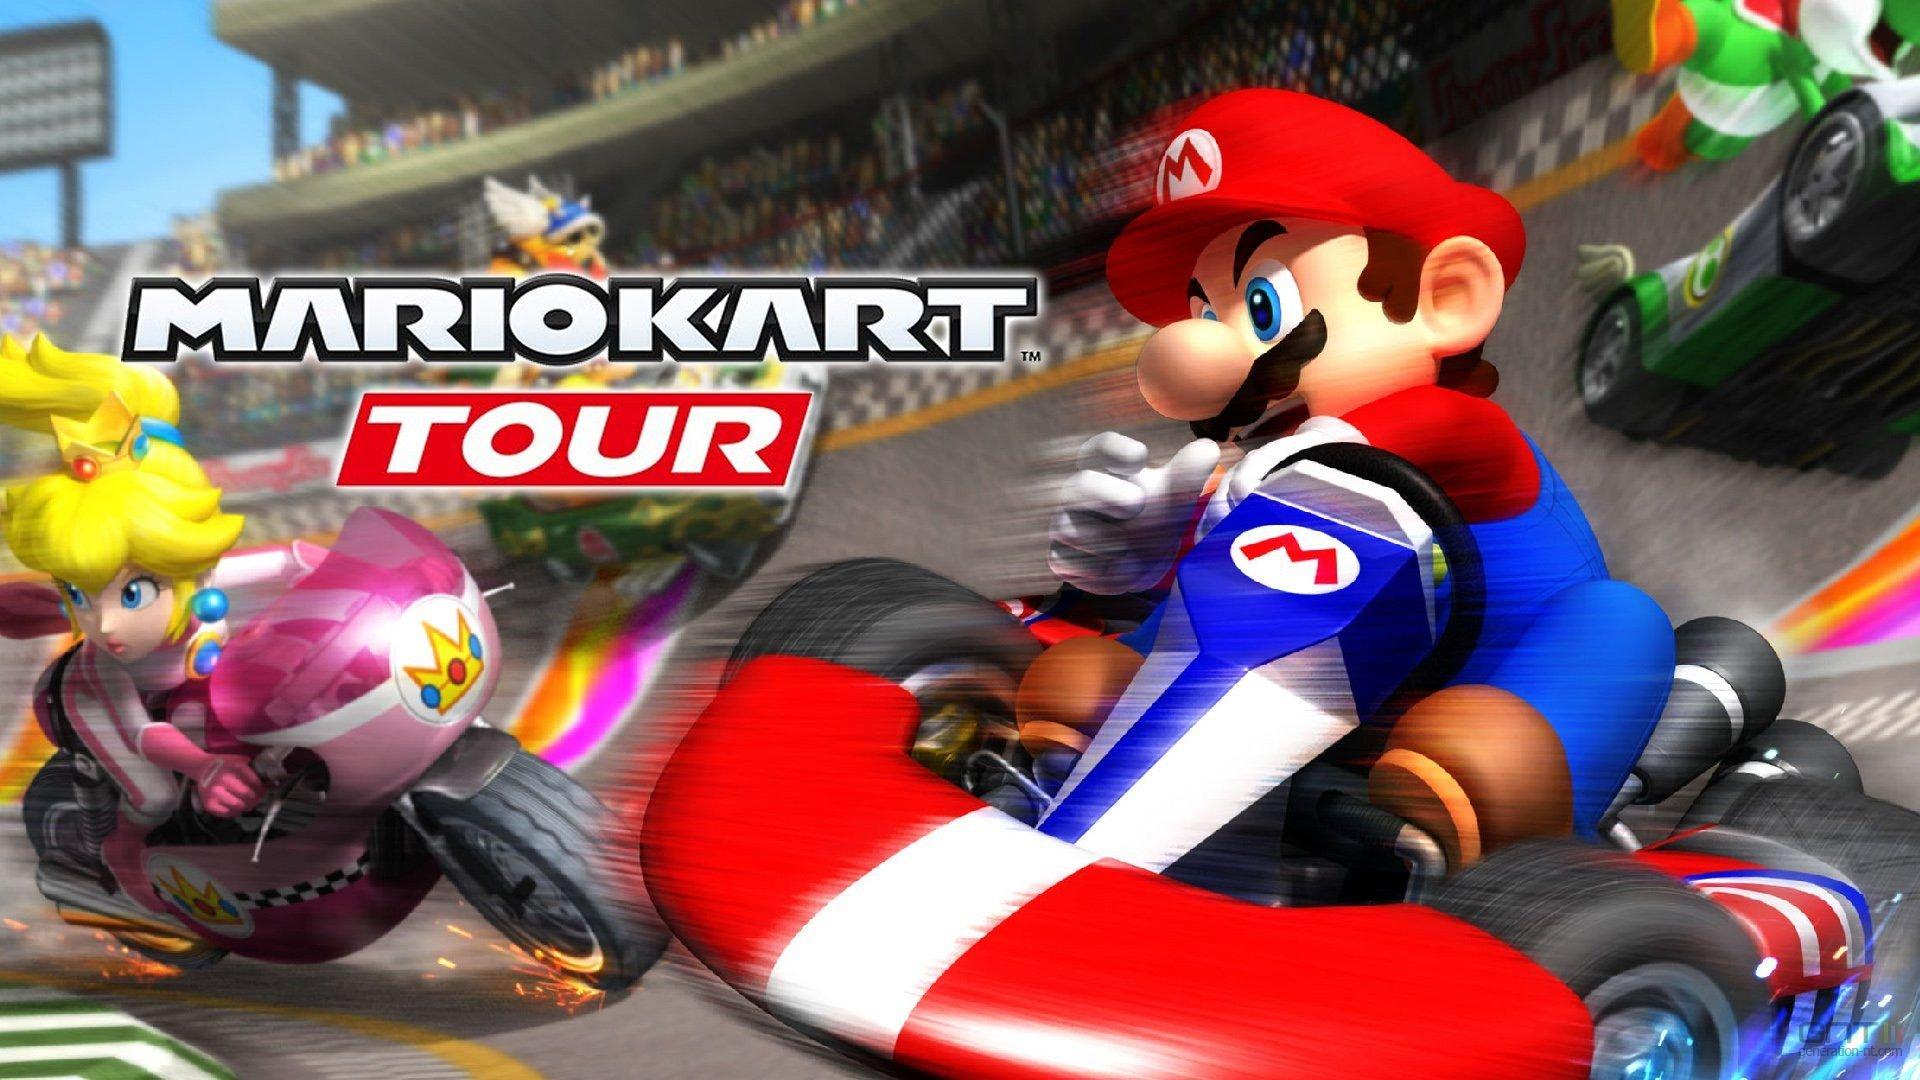 Mario Kart Tour : l'opus mobile dévoile une partie de son contenu via sa bêta